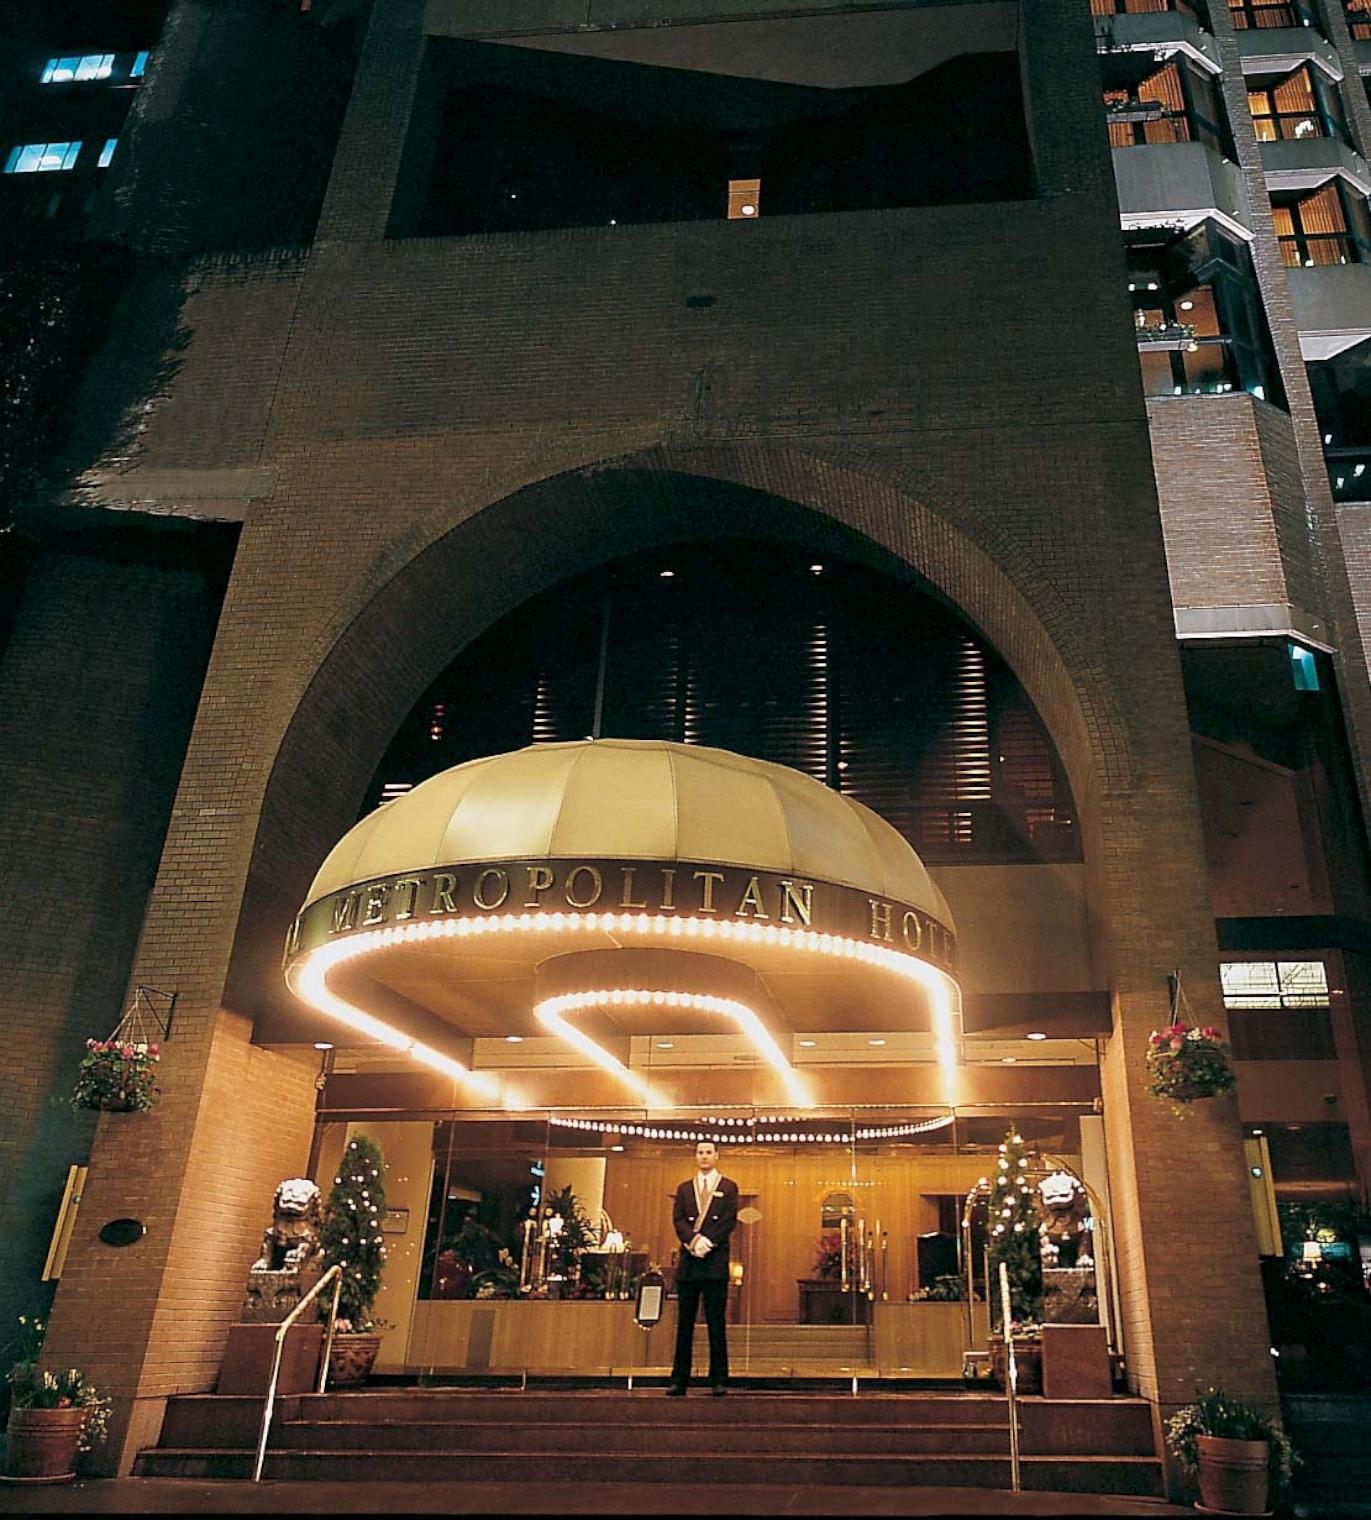 Hotel Exterior: Metropolitan Hotel Vancouver - Vancouver